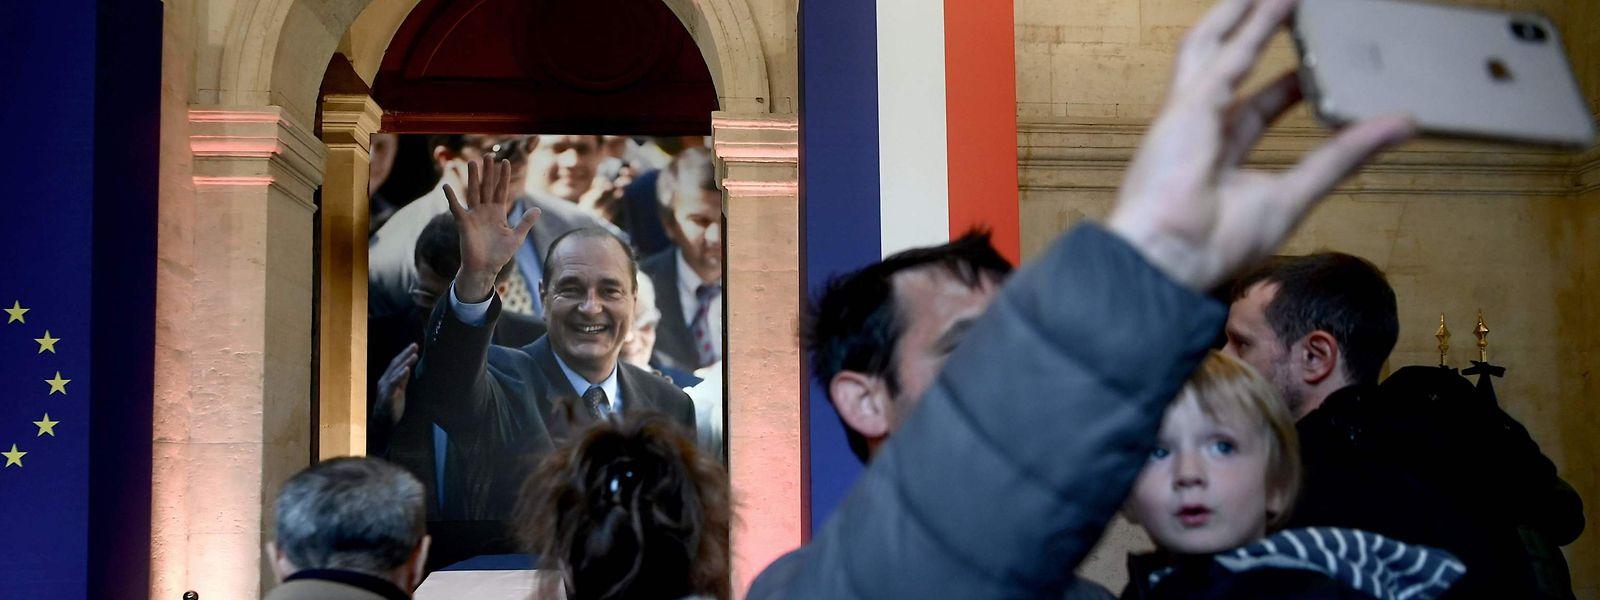 Autres temps, autres mœurs: les selfies se sont multipliés autour du cercueil de Jacques Chirac.